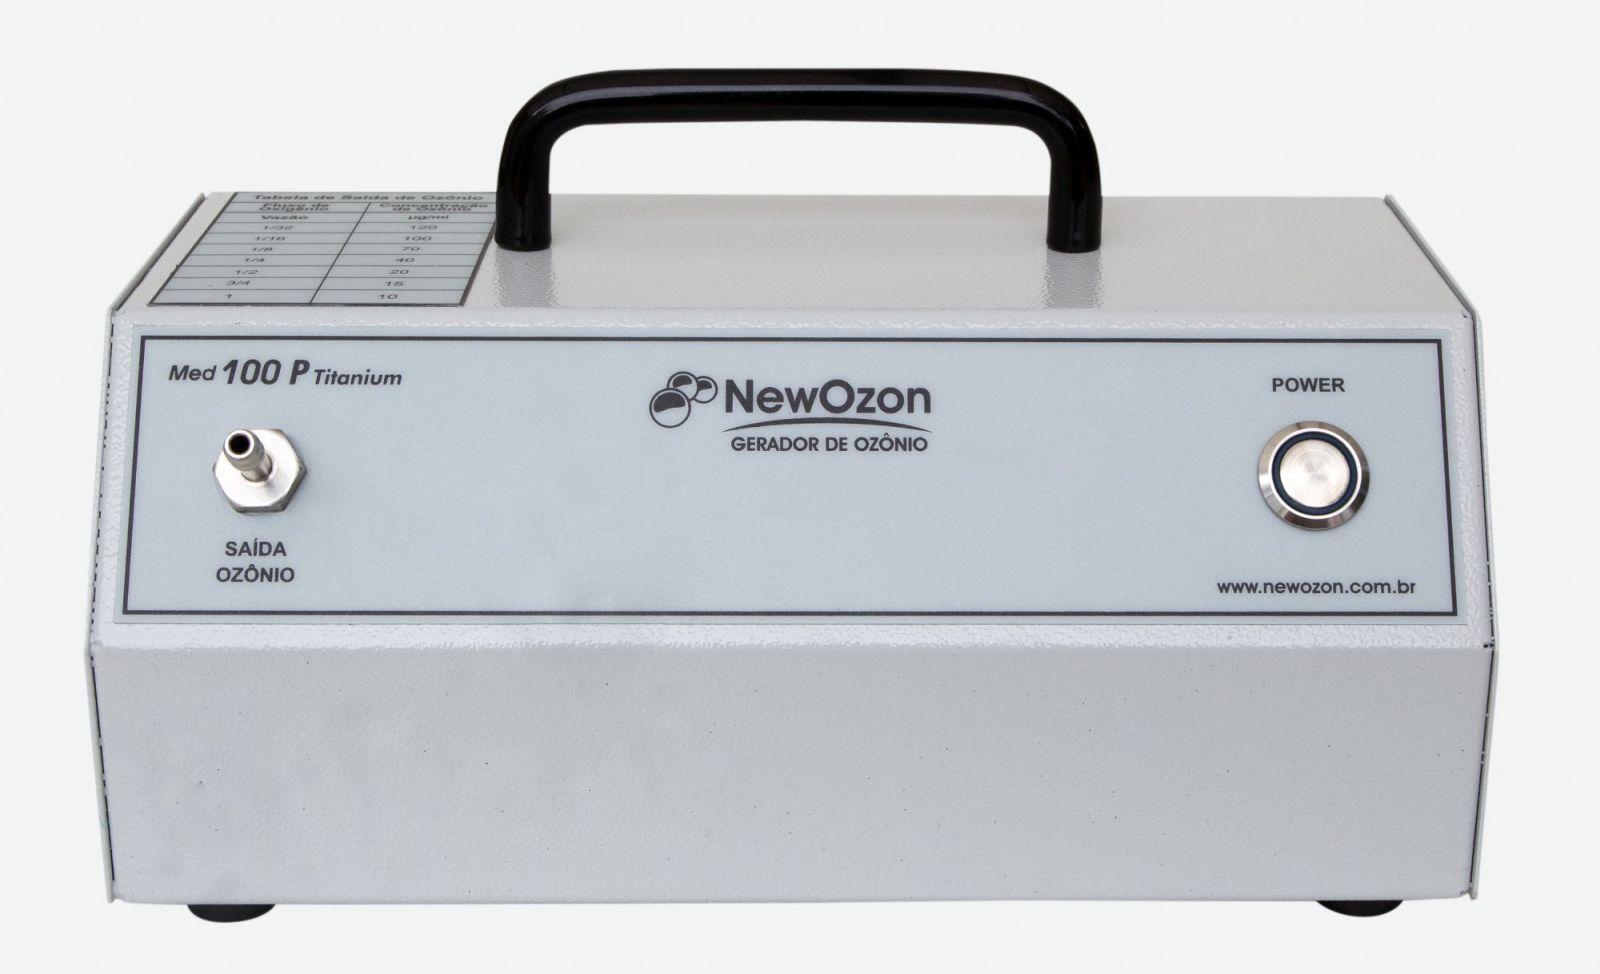 NewOzon Med 100P Titanium Gerador de Ozônio PORTATIL de Uso Medicinal, indicado para uso Médico ou Veterinário